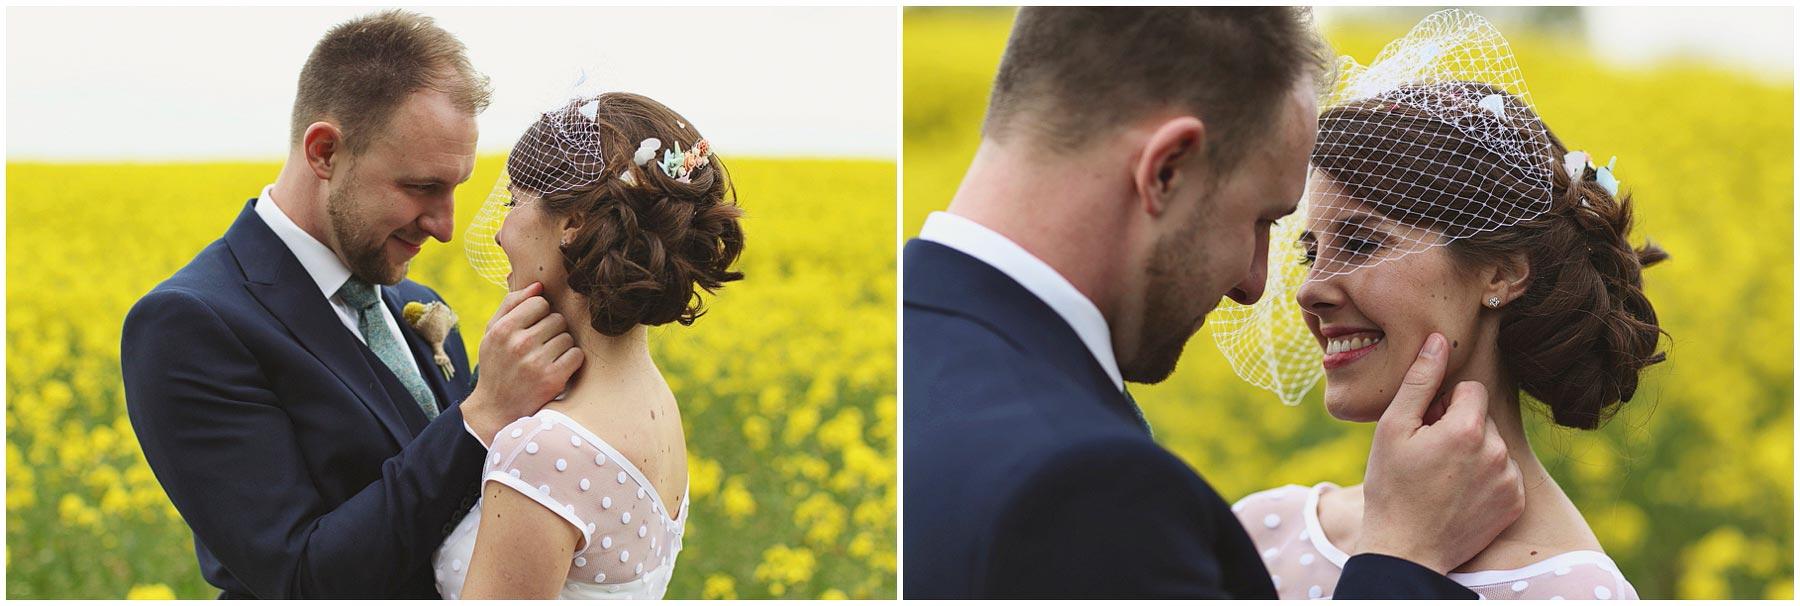 the-spiced-pear-wedding-photographer_0064